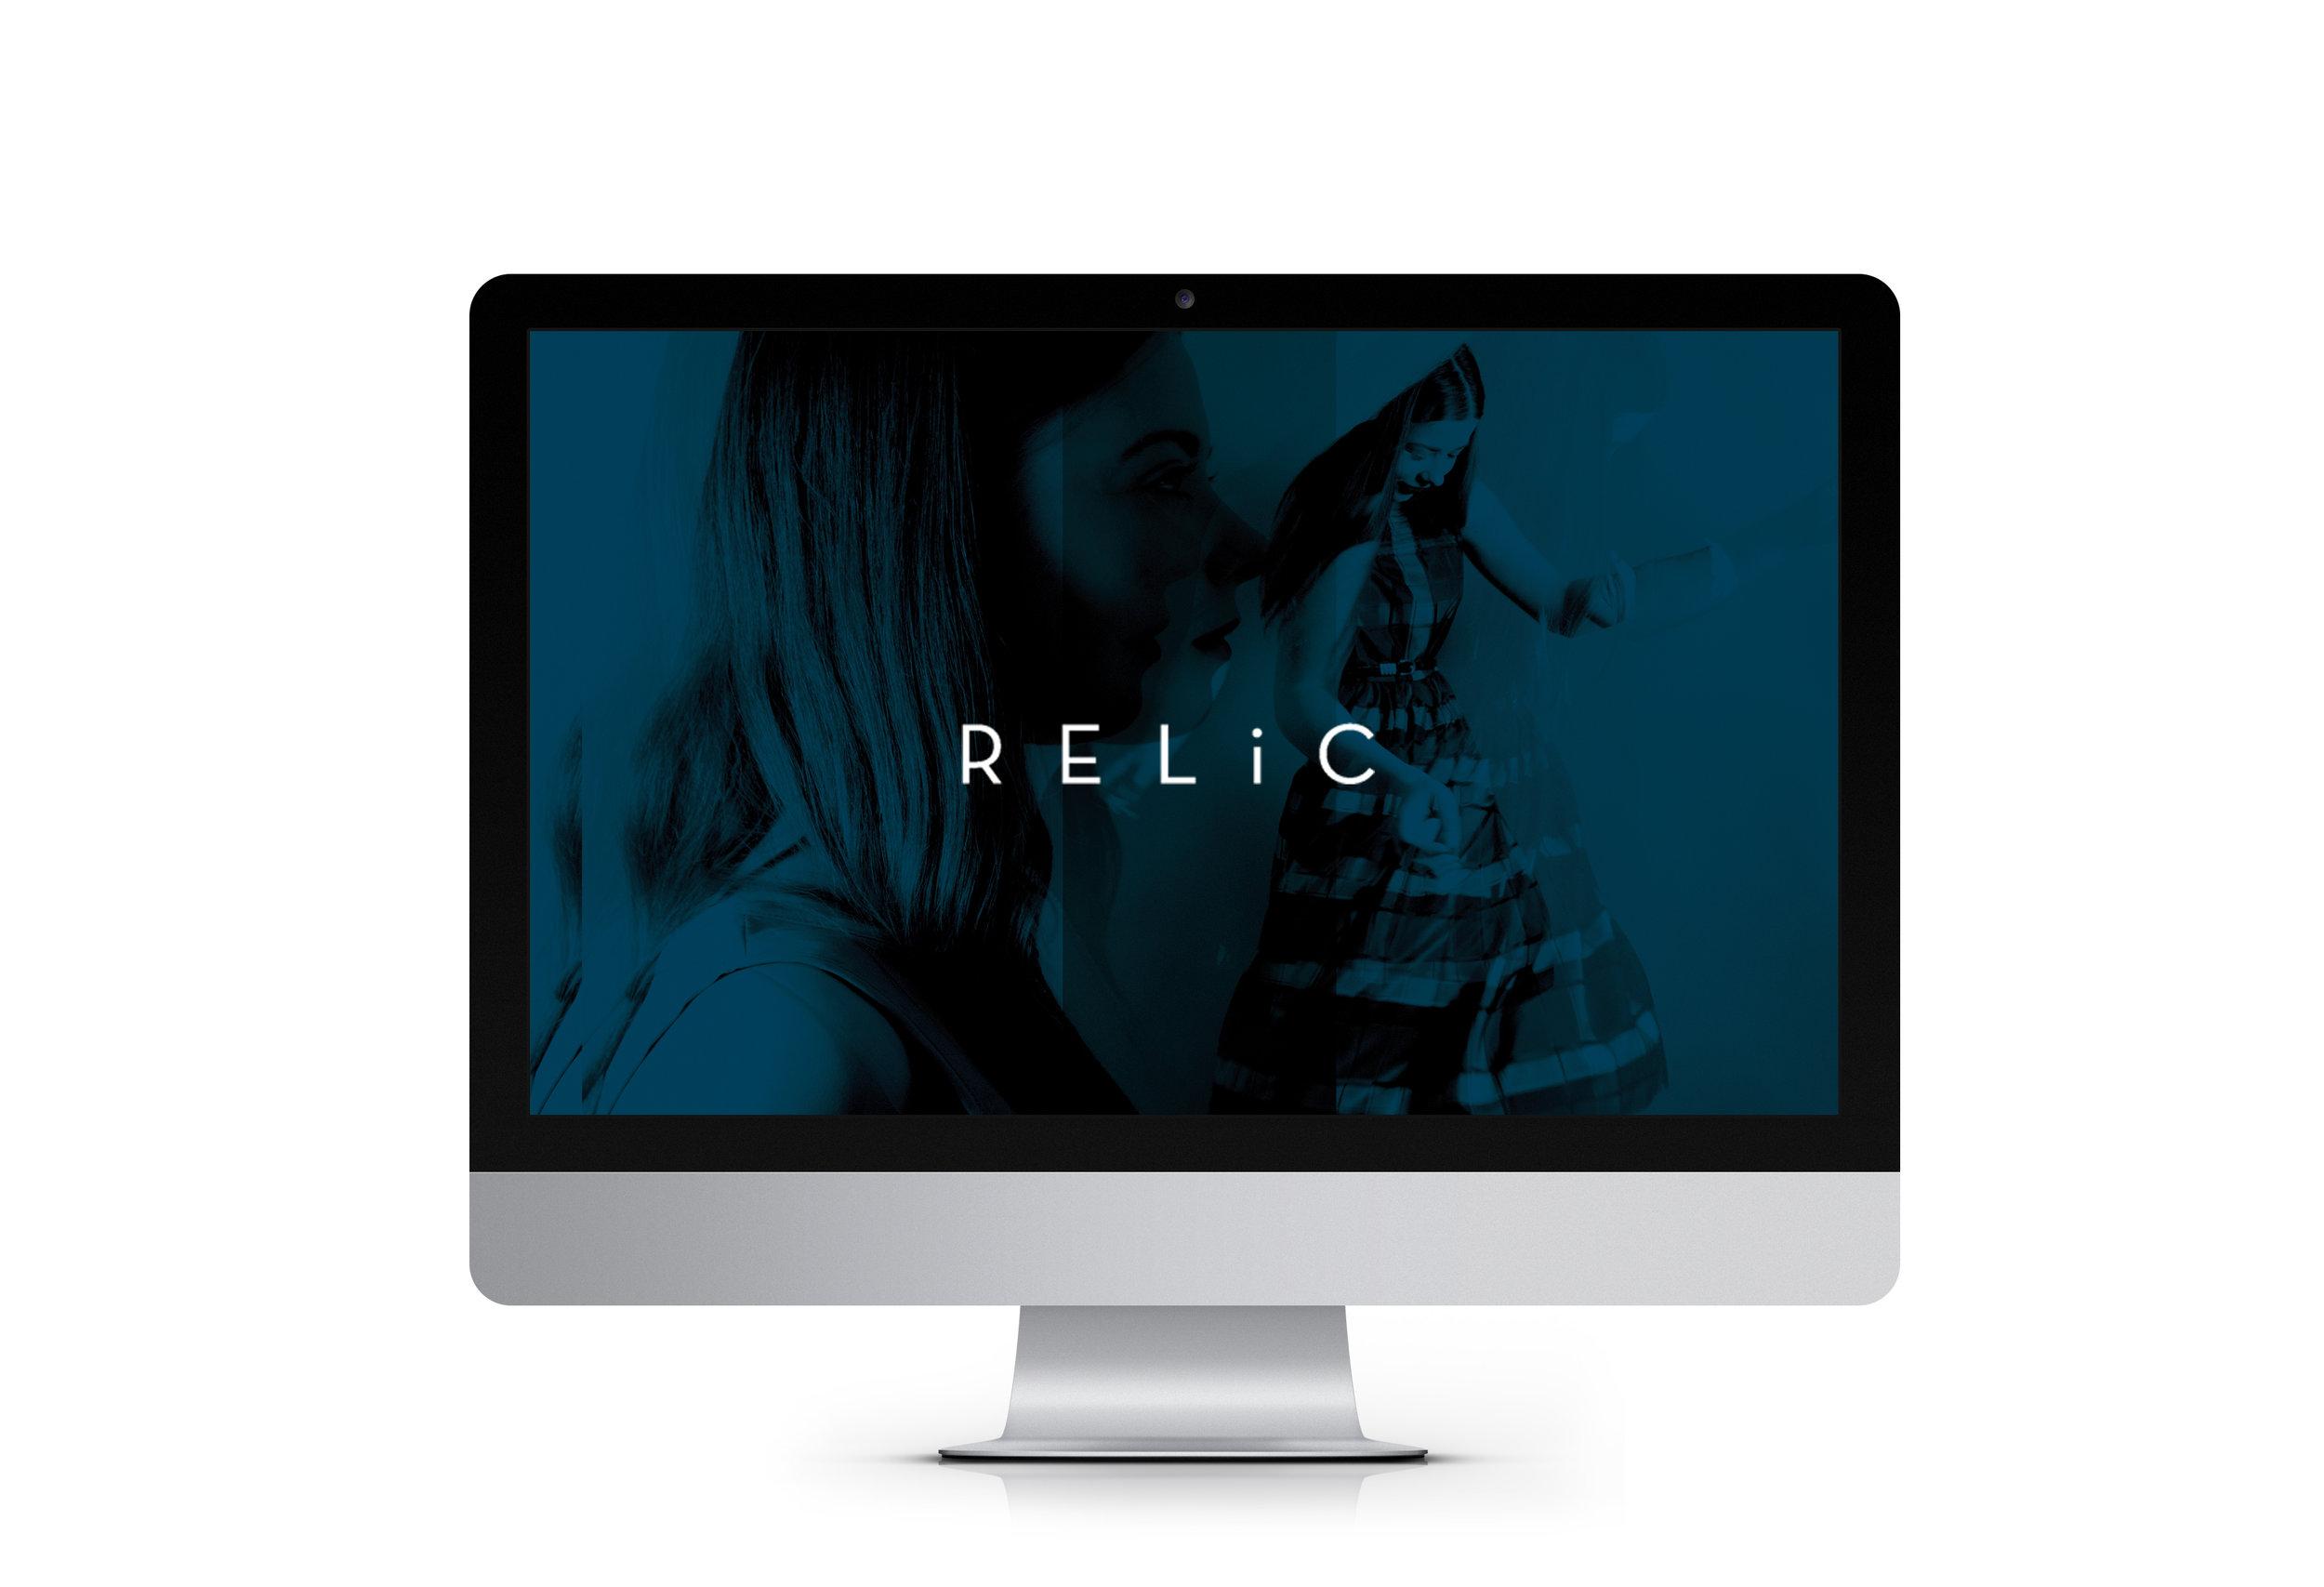 RELIC_IMAC_MOCKUP.jpg